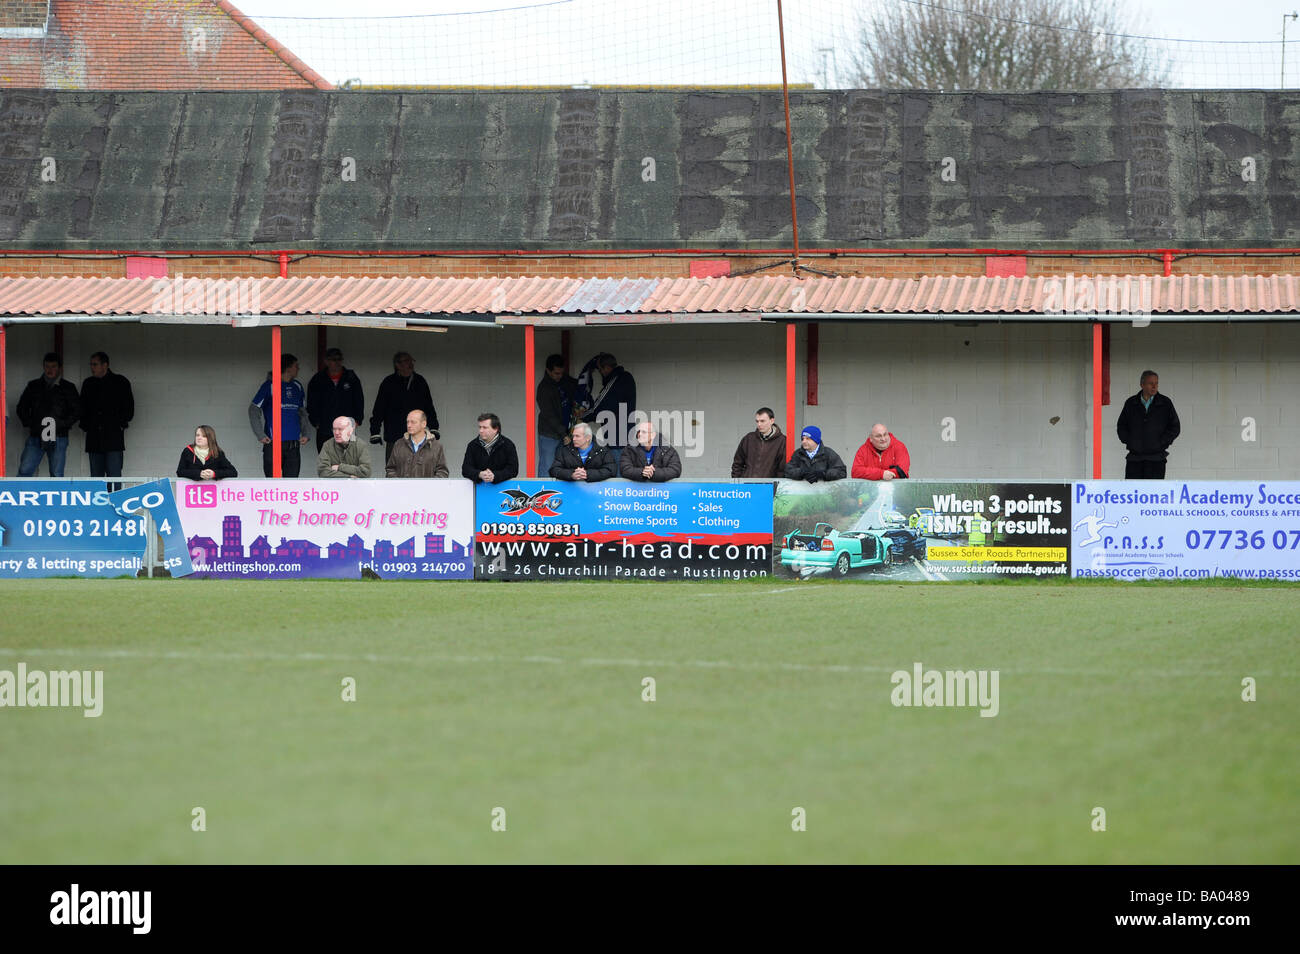 Local Football Match Uk Stock Photos & Local Football Match Uk Stock